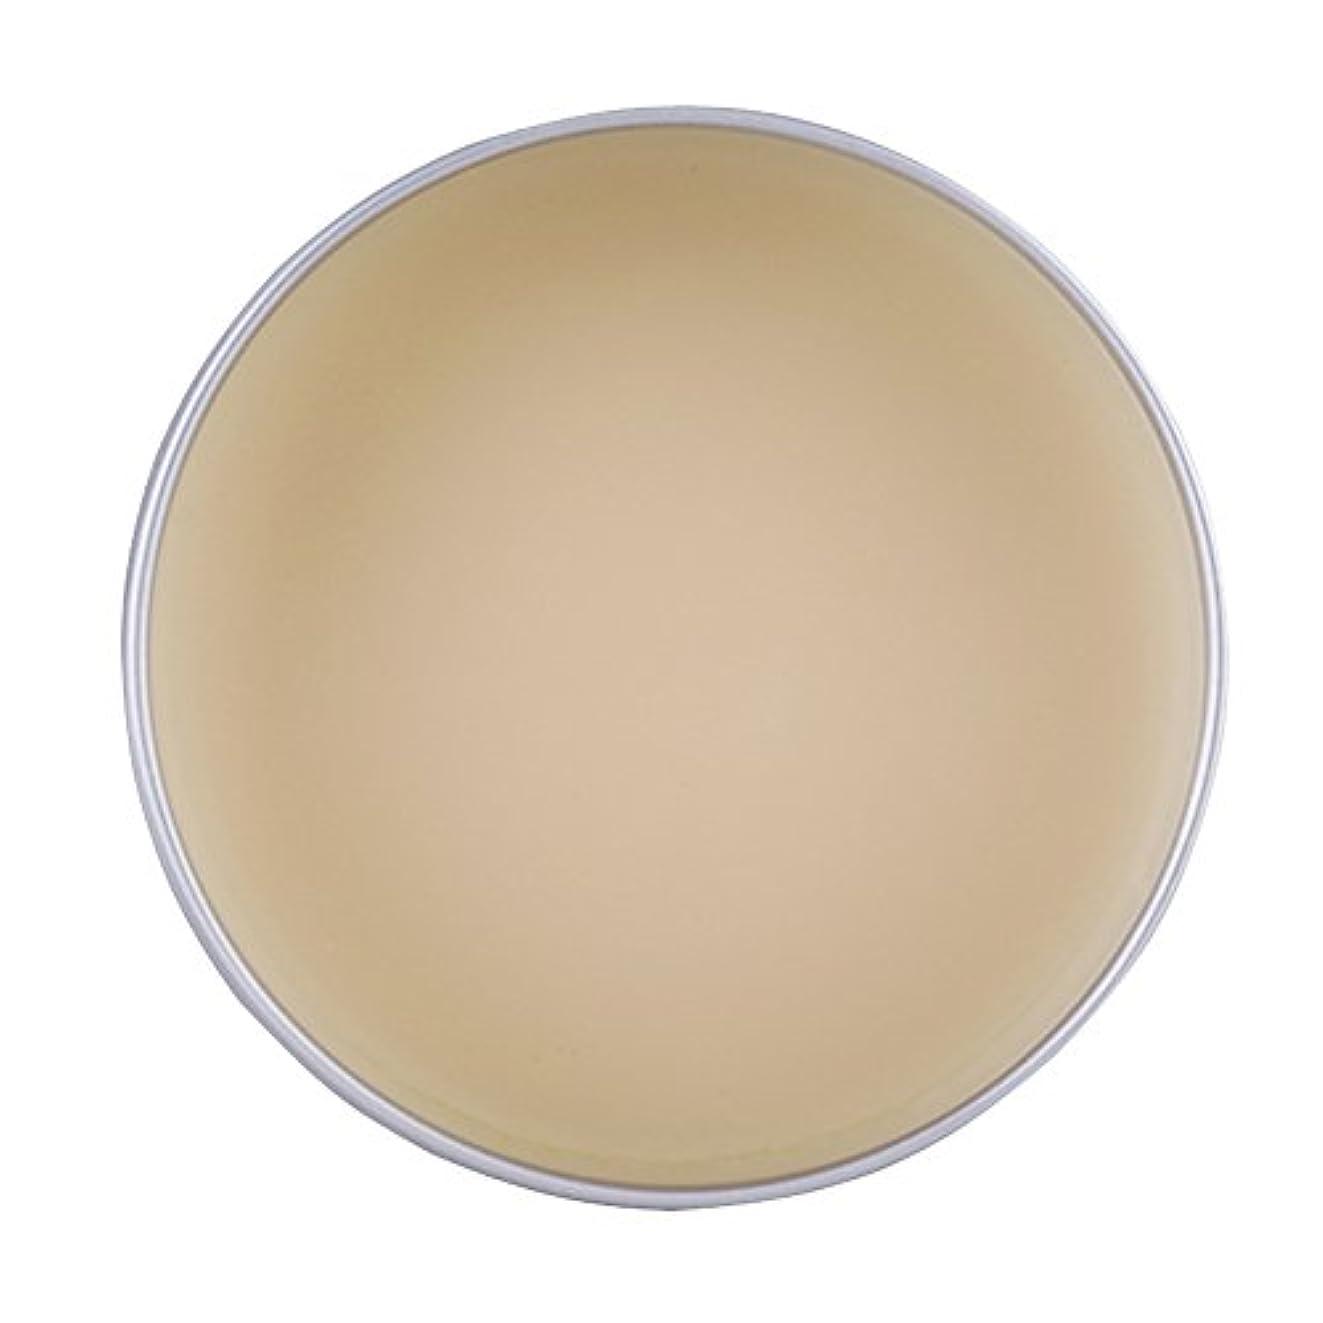 同情ショートカットランデブー5タイププロフェッショナル偽の創傷修復カバー瘢痕眉毛クリームワックスメイクアップ化粧品(2)